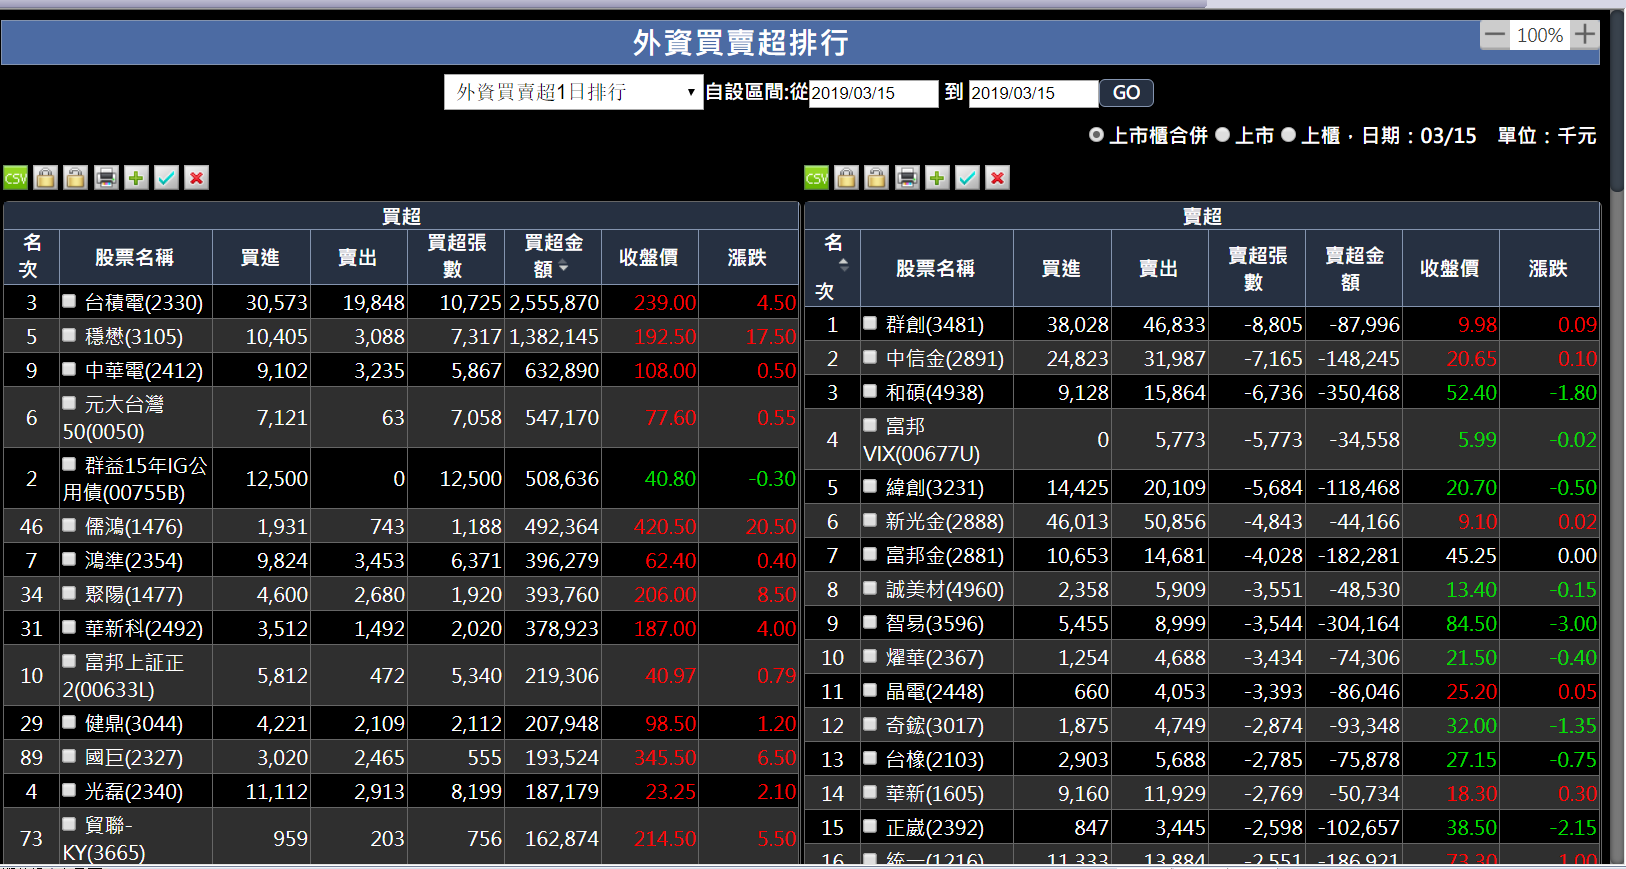 台股今日挑戰年線 (穩懋,聯茂), 光學股 ,高殖利率股 飆股抱波段賺比較多